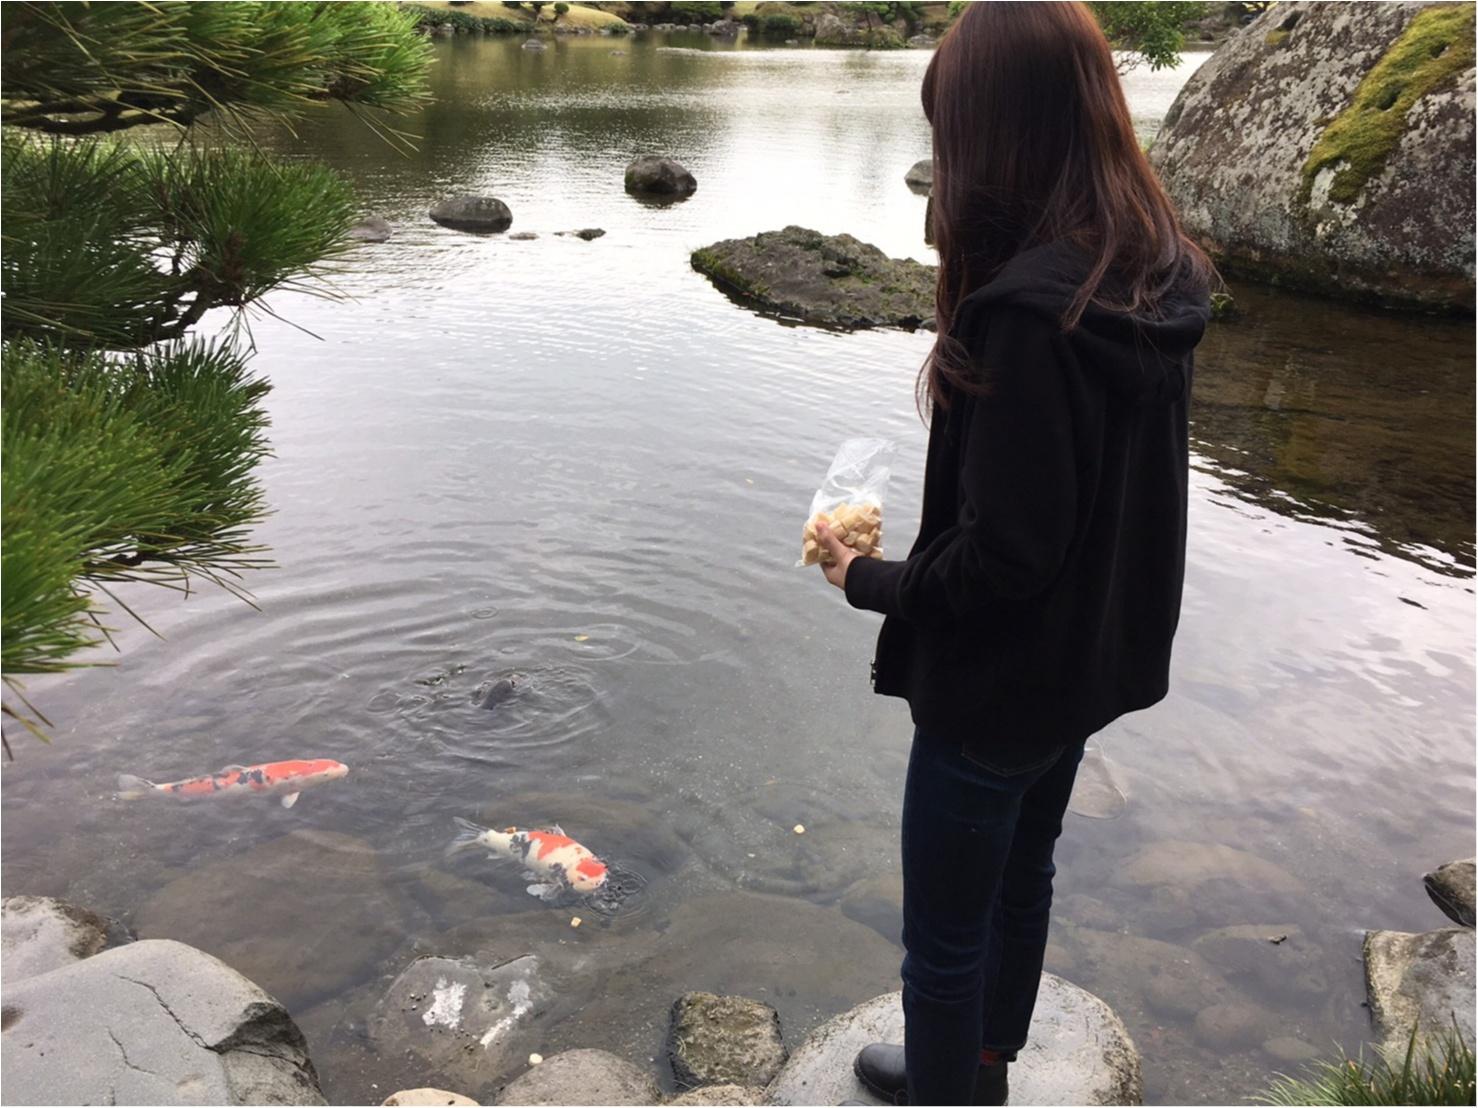 【動画で紹介!】熊本市内に発見! SNS映えする美しい庭園「水前寺成趣園」でリフレッシュ!【#モアチャレ 熊本の魅力発信!】_4